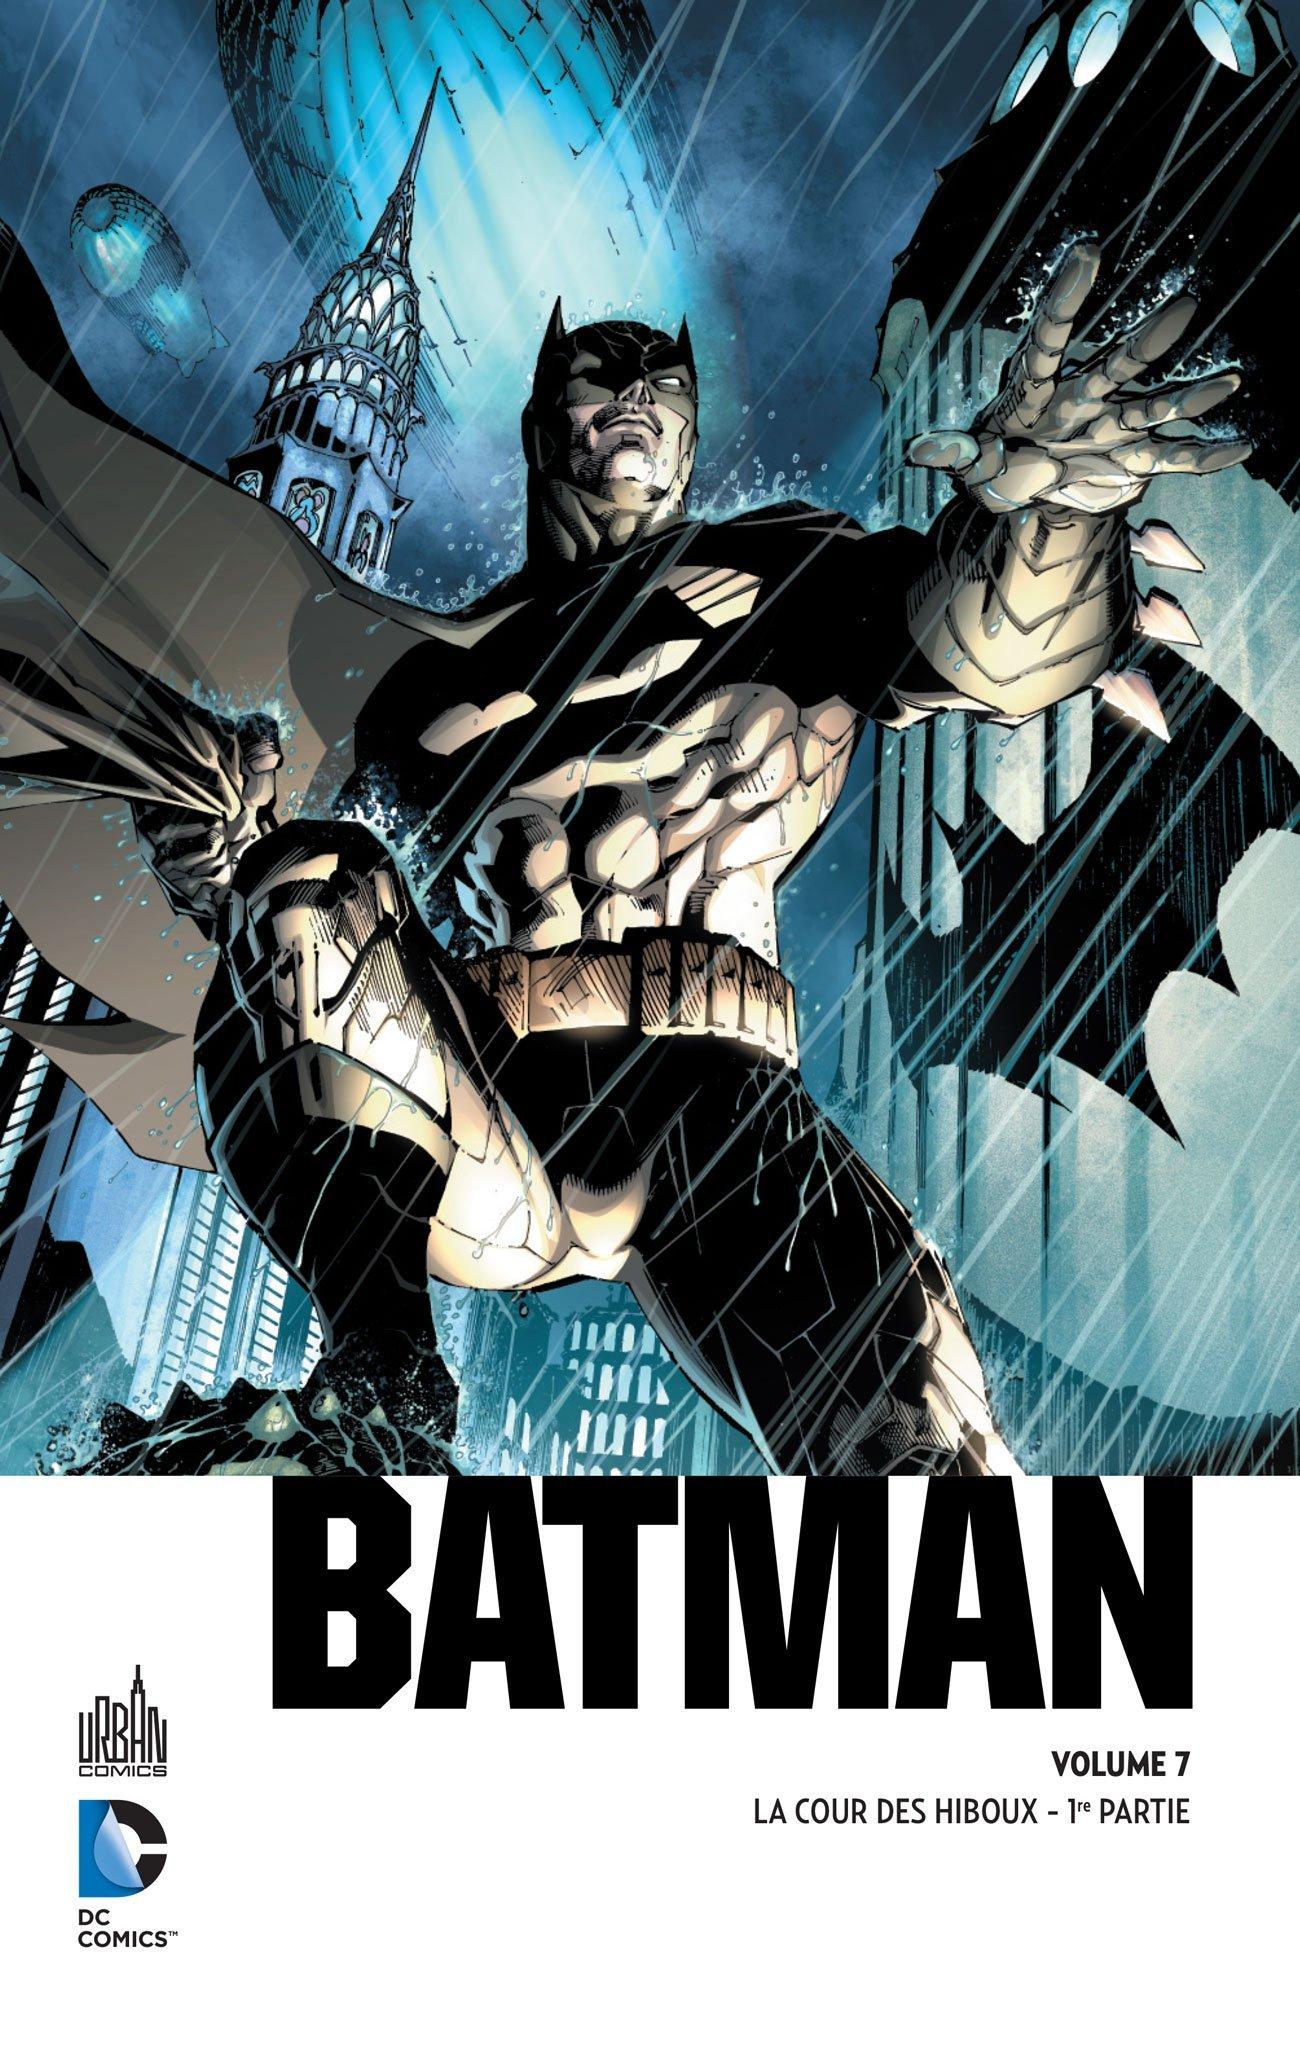 Tome 7 : Batman – La Cour des hiboux 1re partie